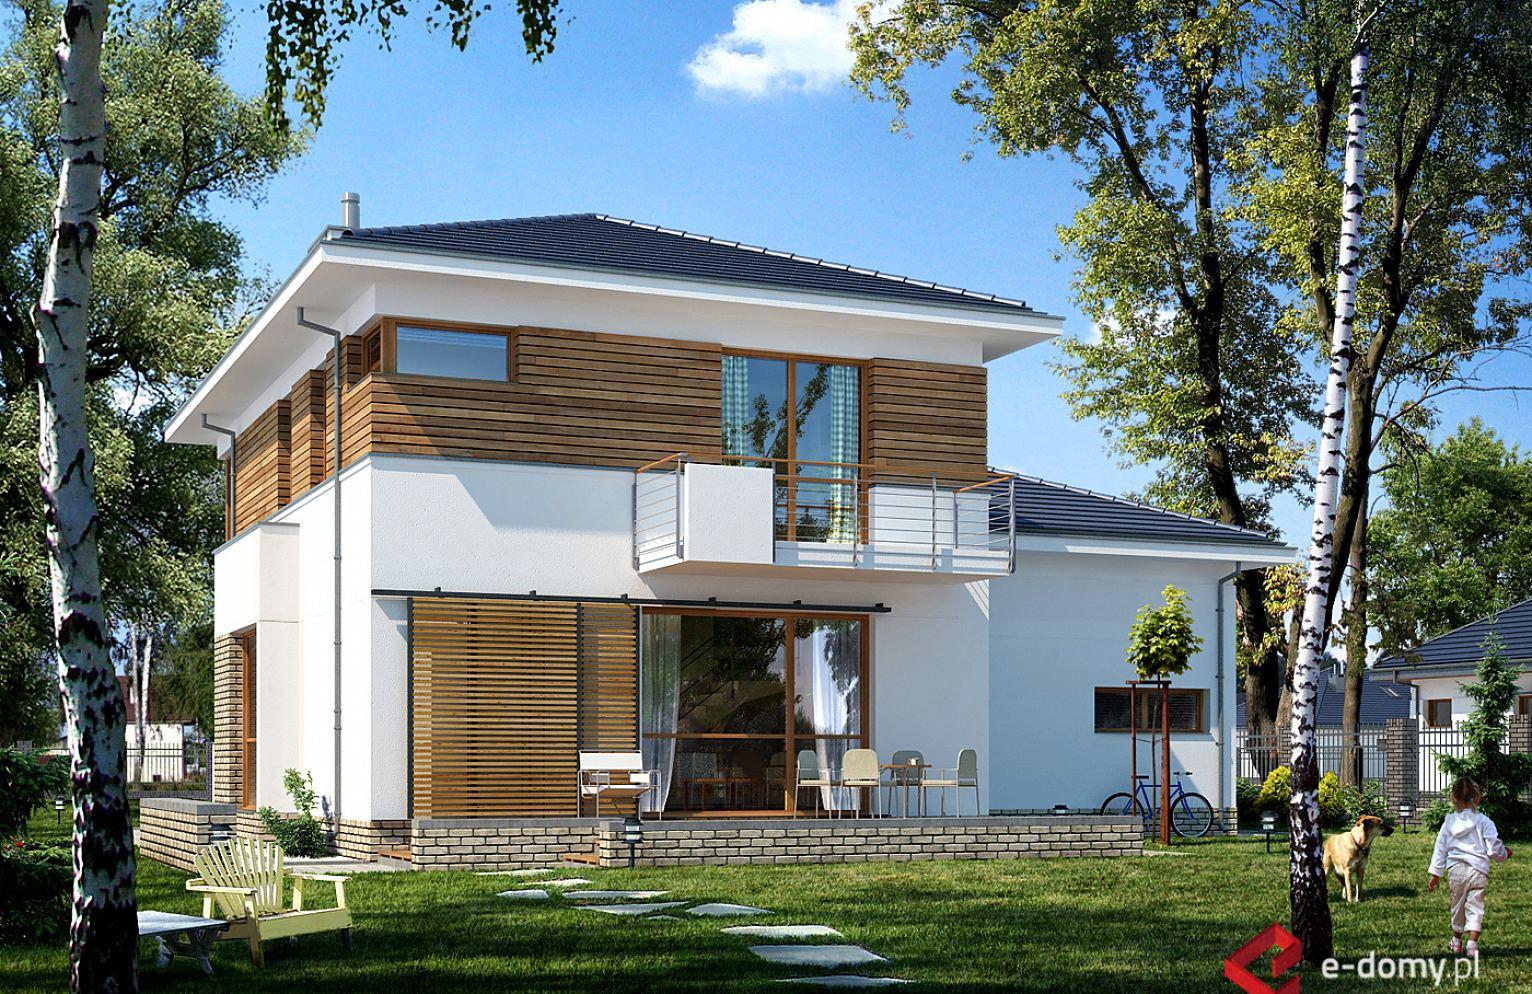 E 125 Mały Dom Piętrowy E Domypl Projekty Domów Jednorodzinnych